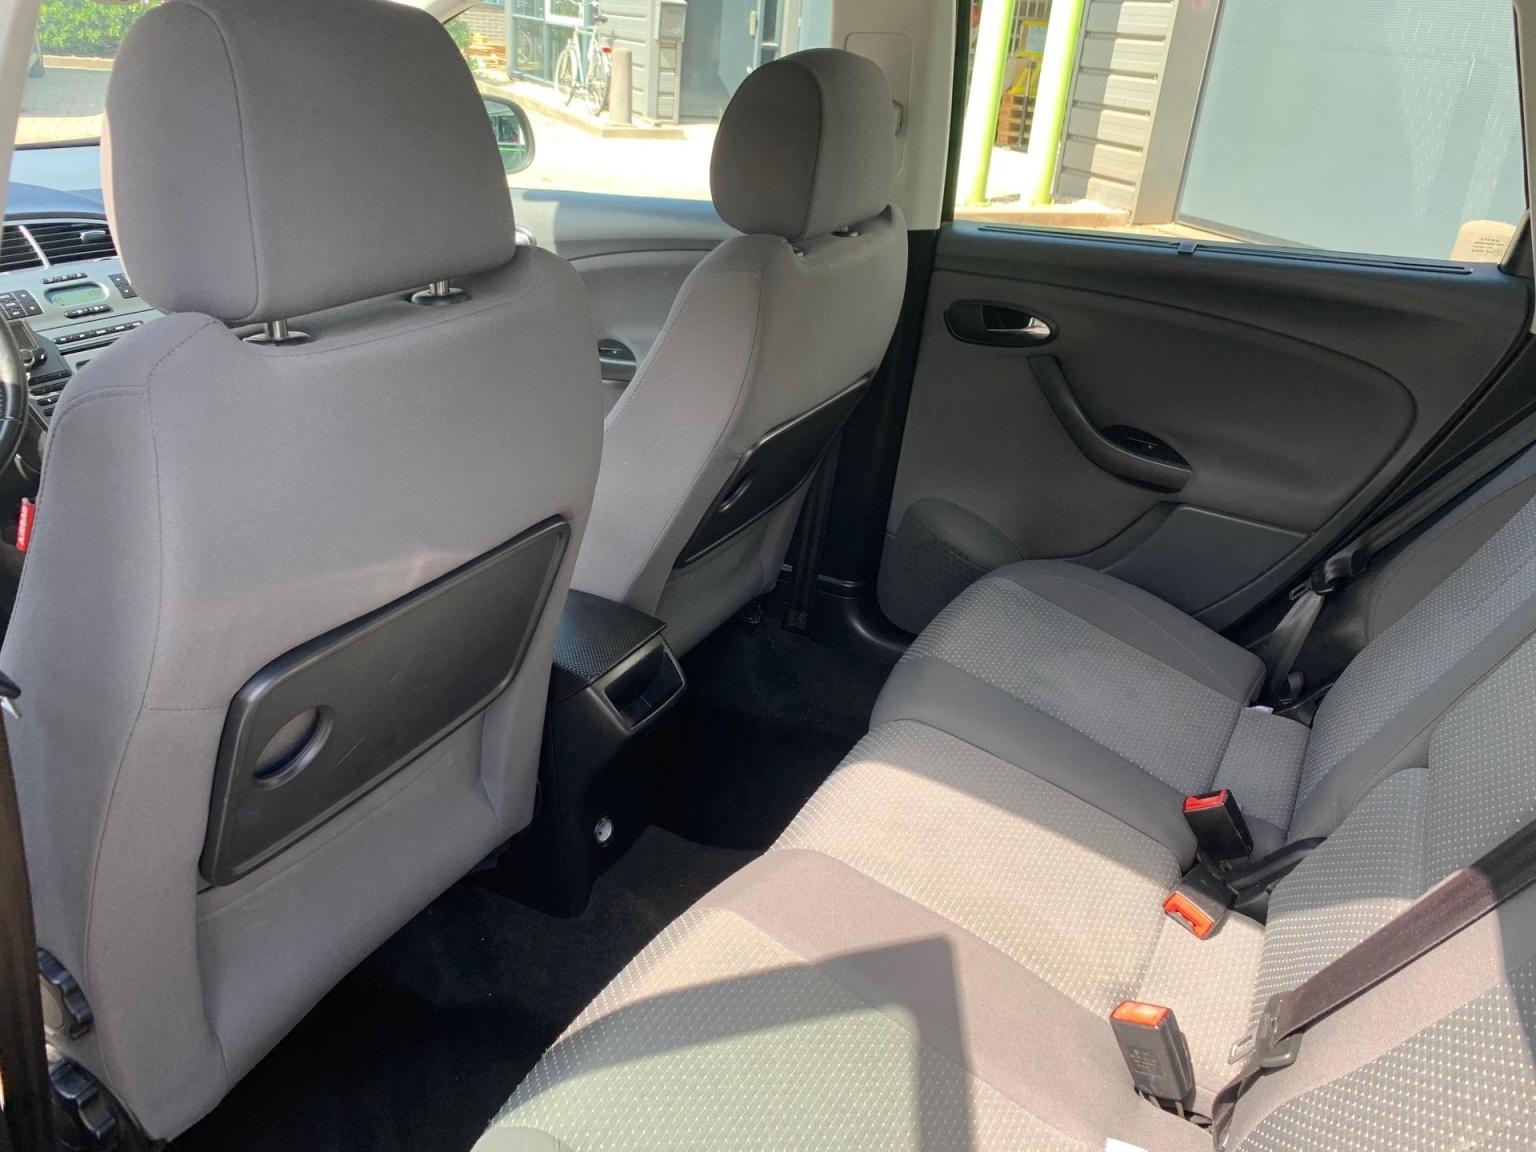 SEAT-Altea XL-8